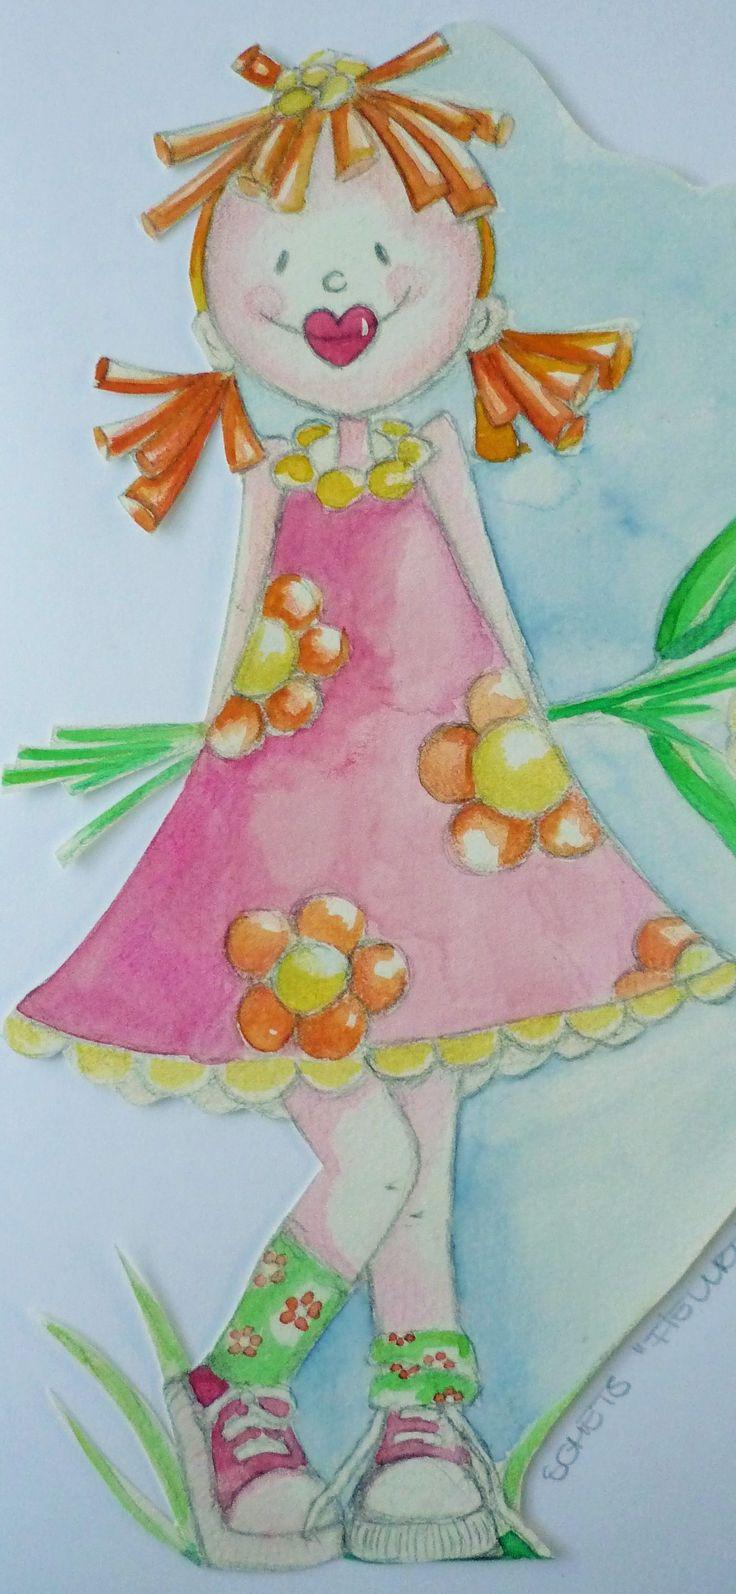 ontwerpje meisjeskamer, kleurpotlood, aquarel